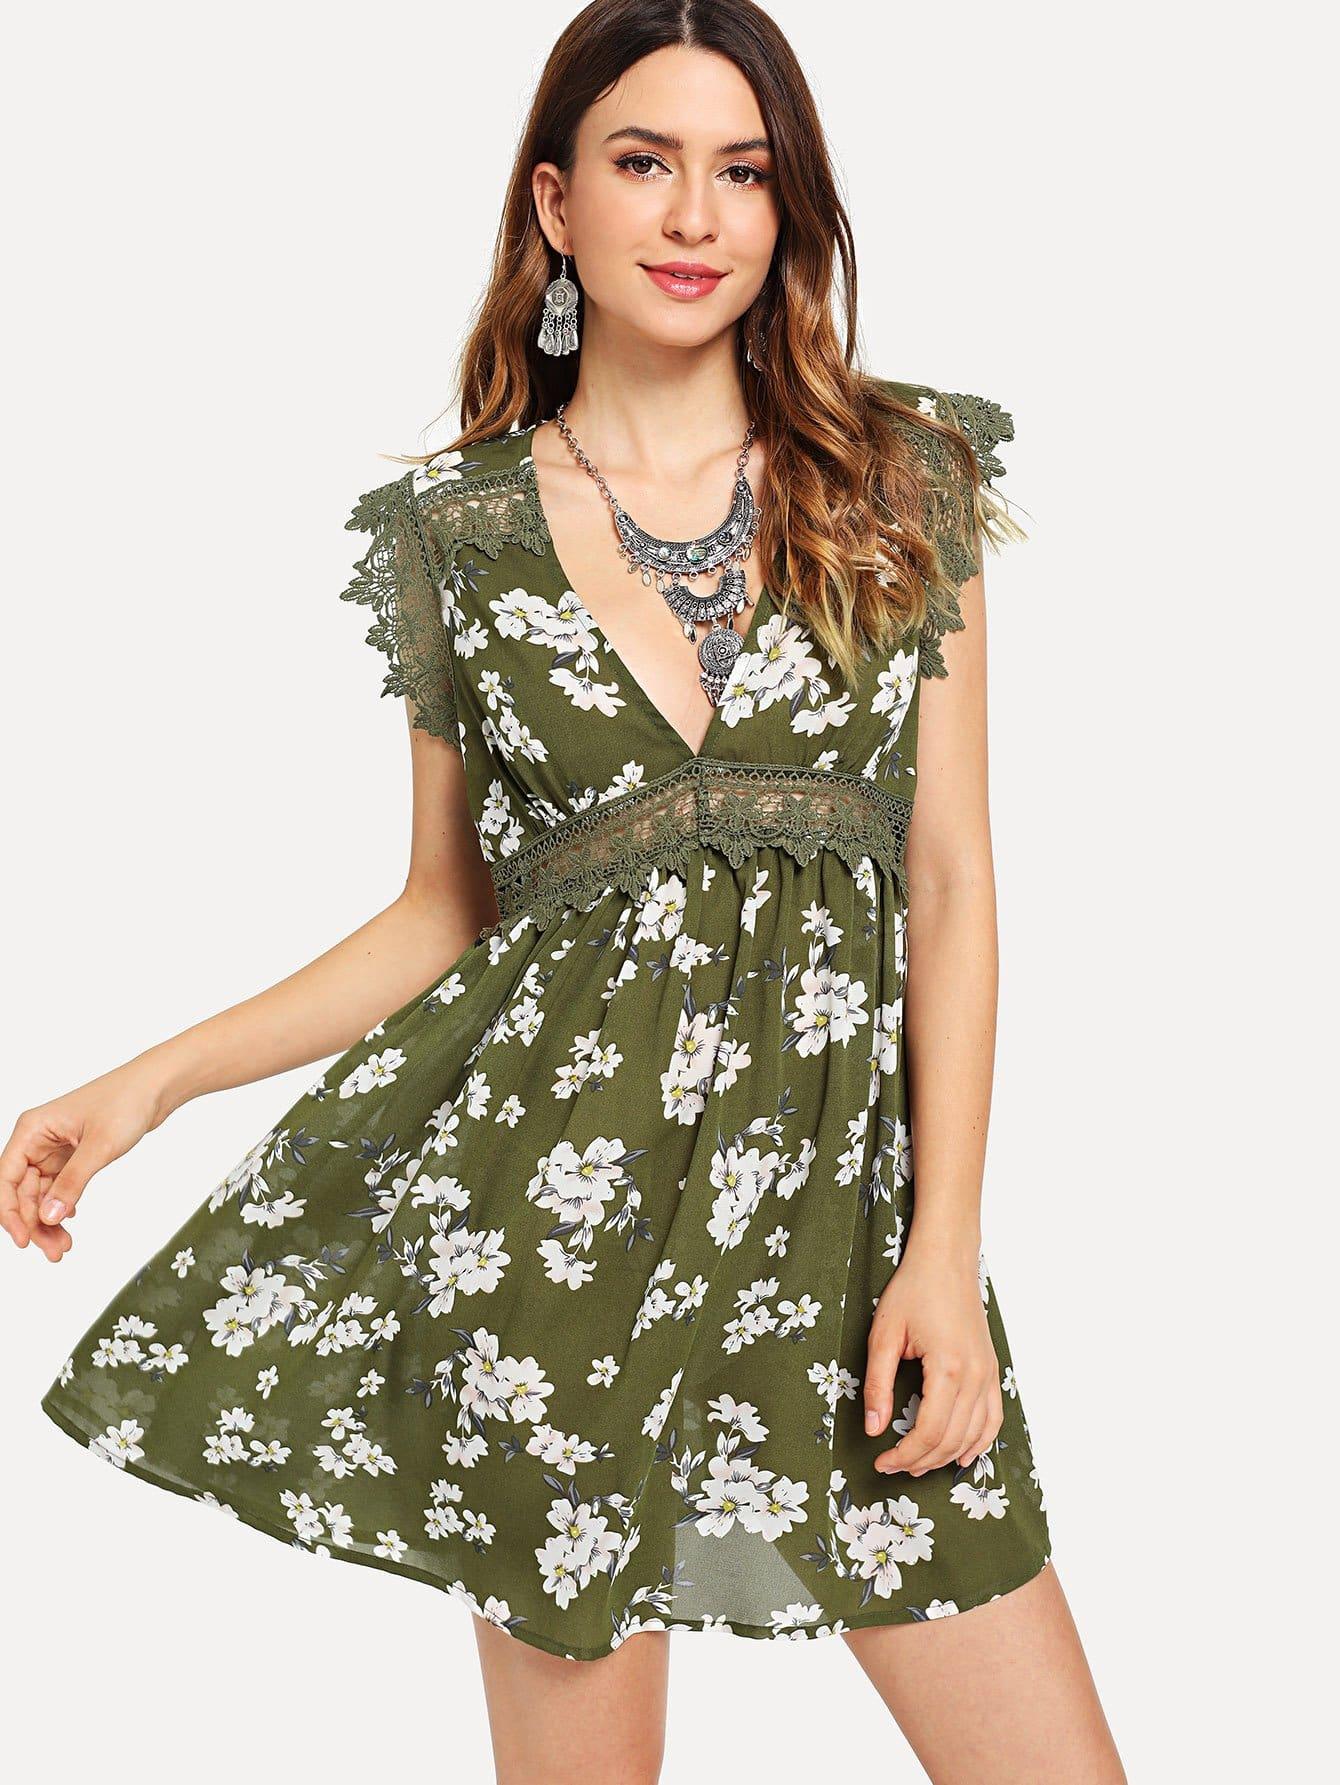 Guipure Lace Trim Floral Swing Dress